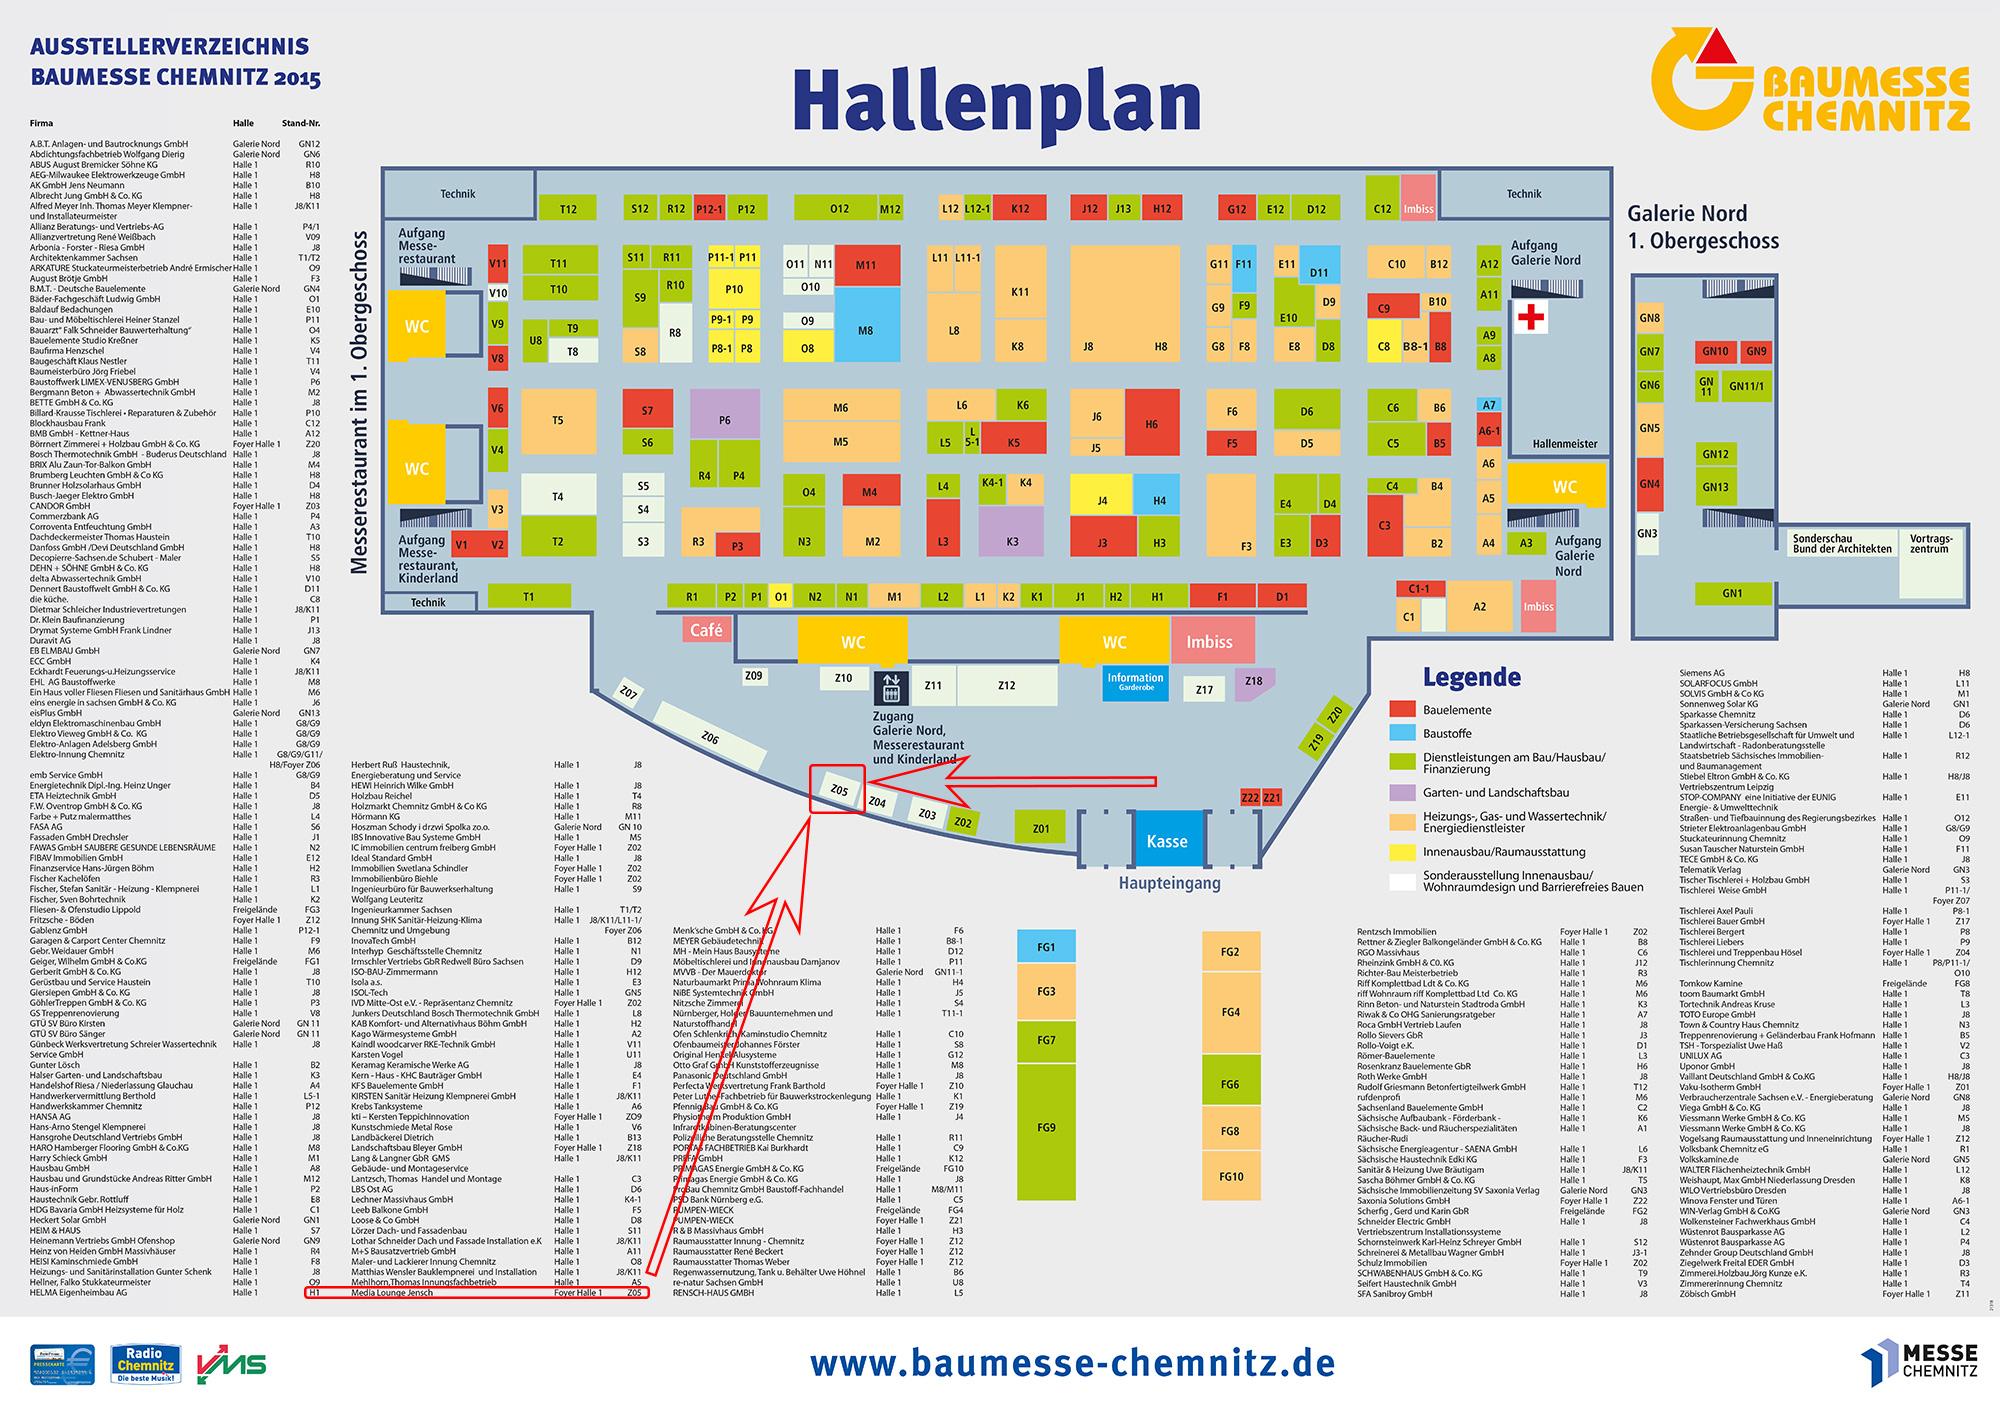 neu_druck_baumesse_2015_hallenplan_a1_21318_1995